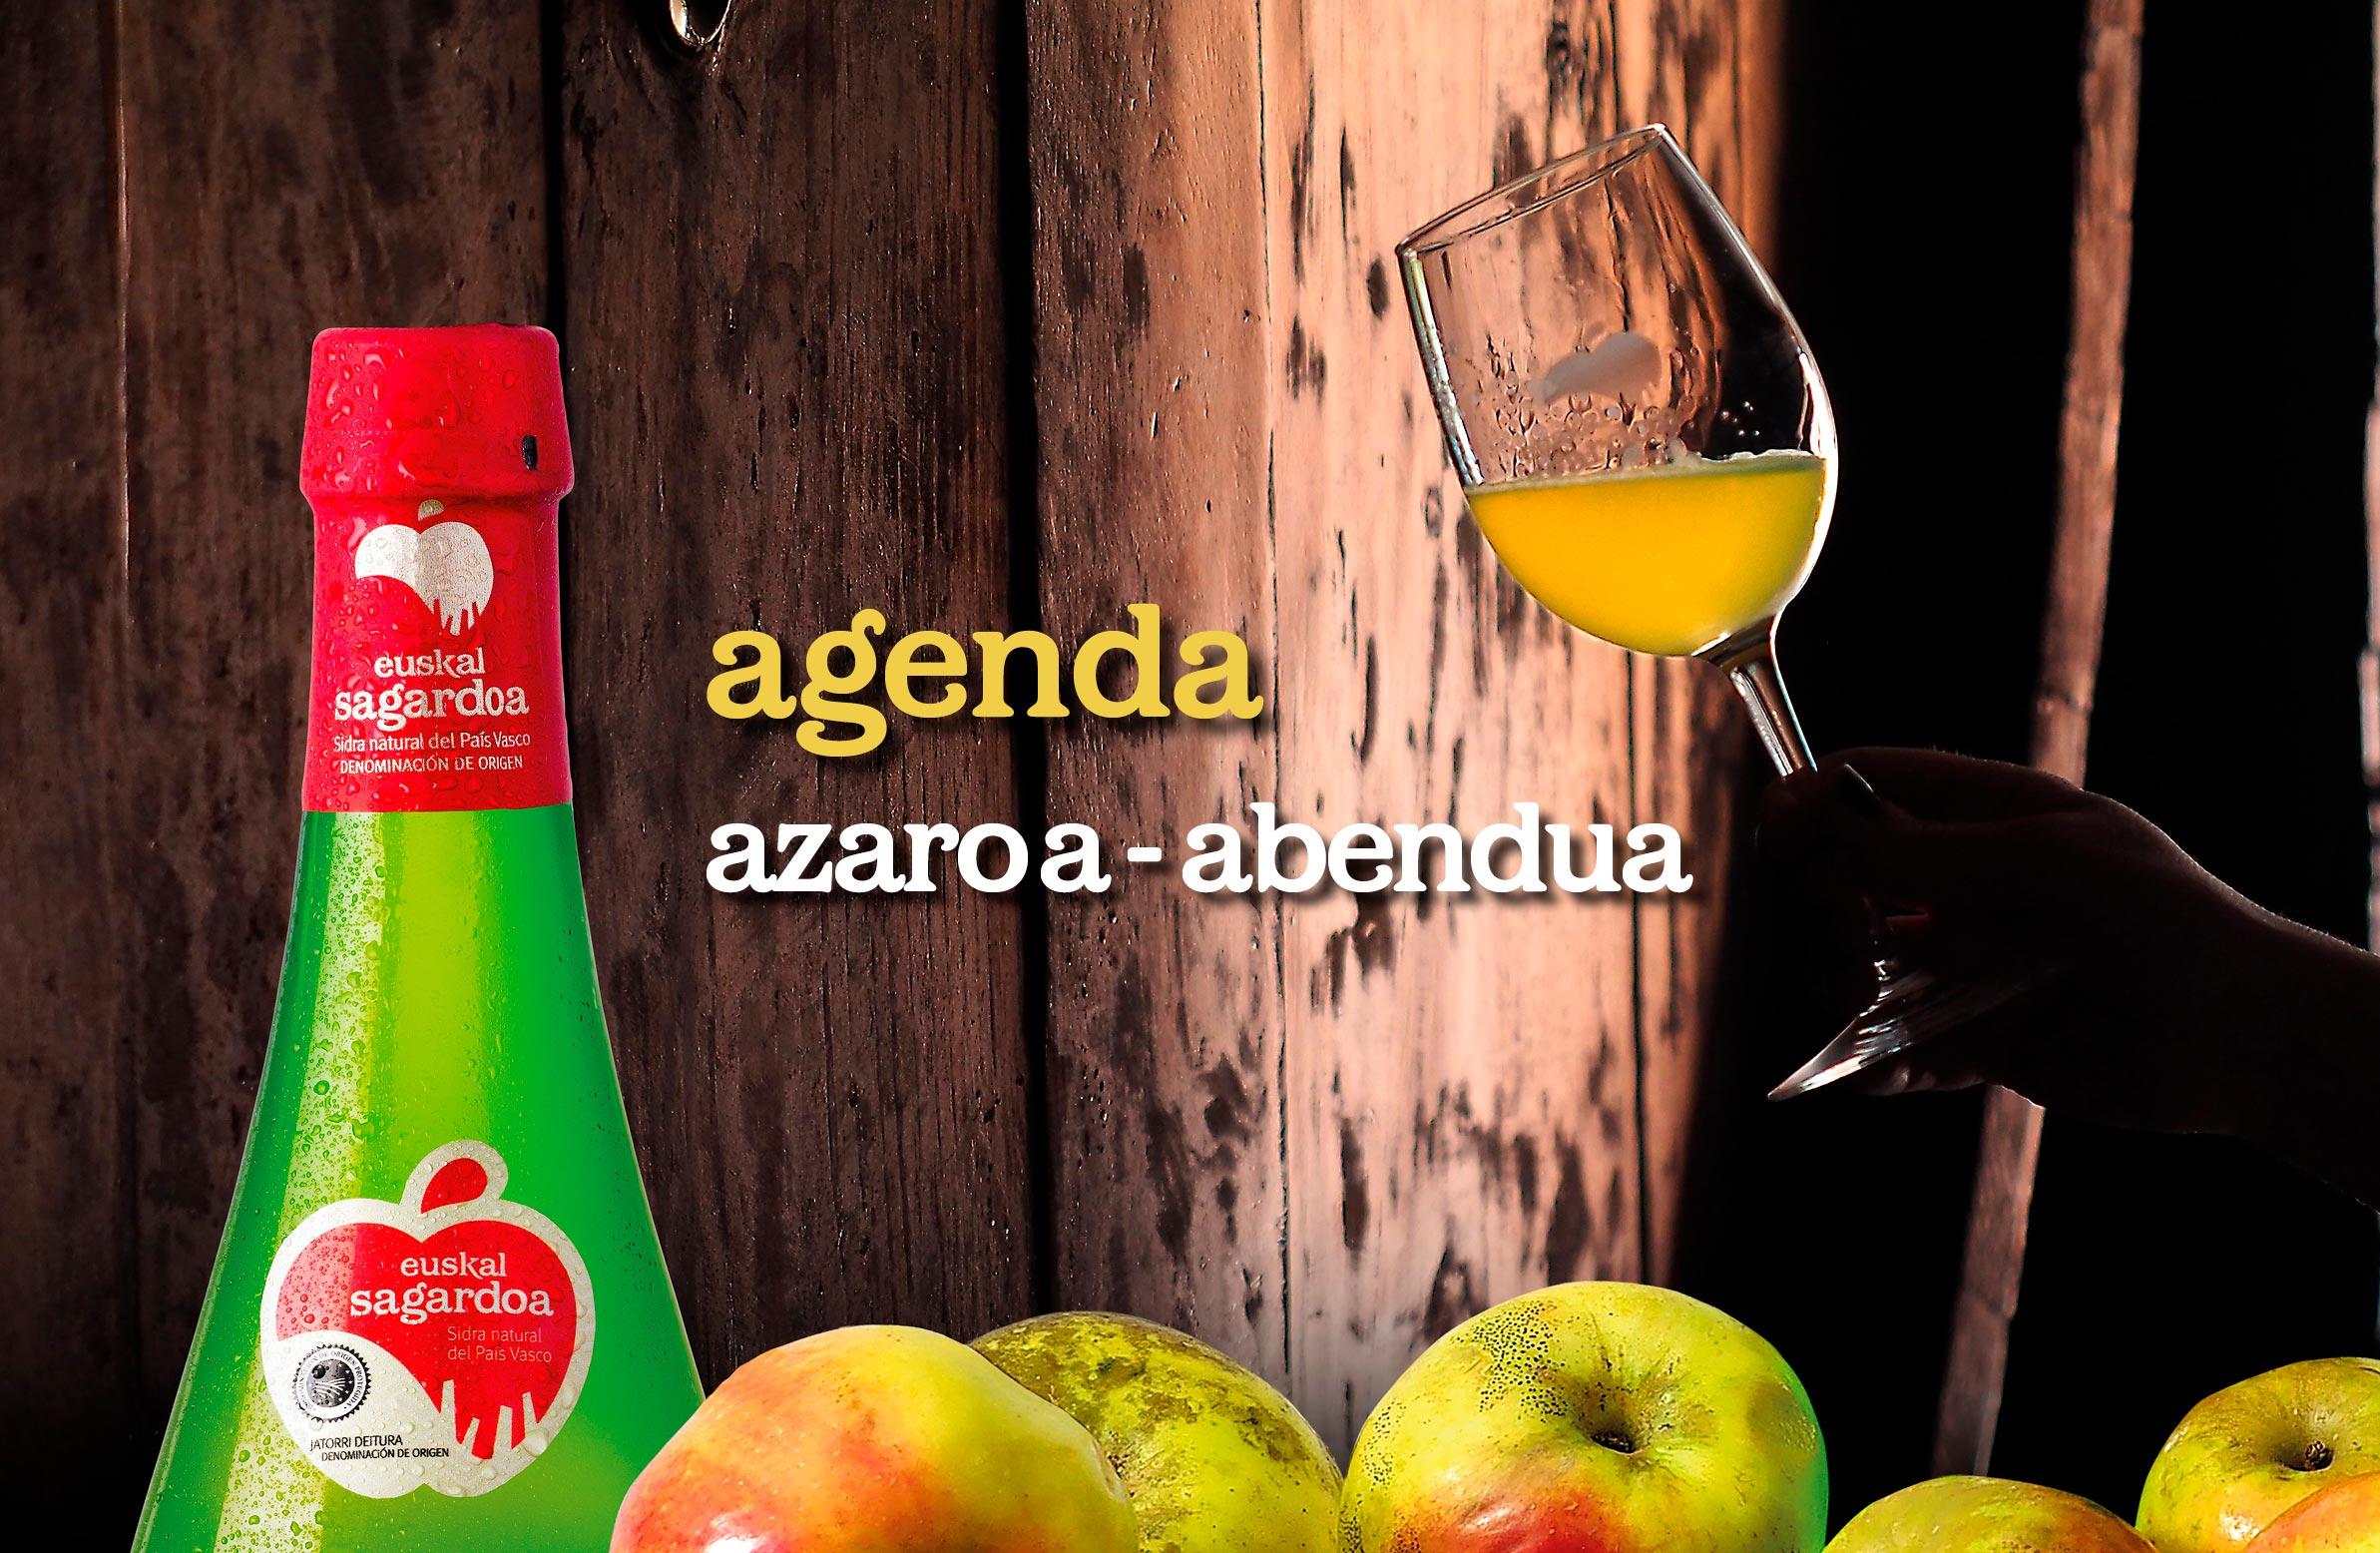 Agenda de noviembre y diciembre 2019 de Euskal Sagardoa